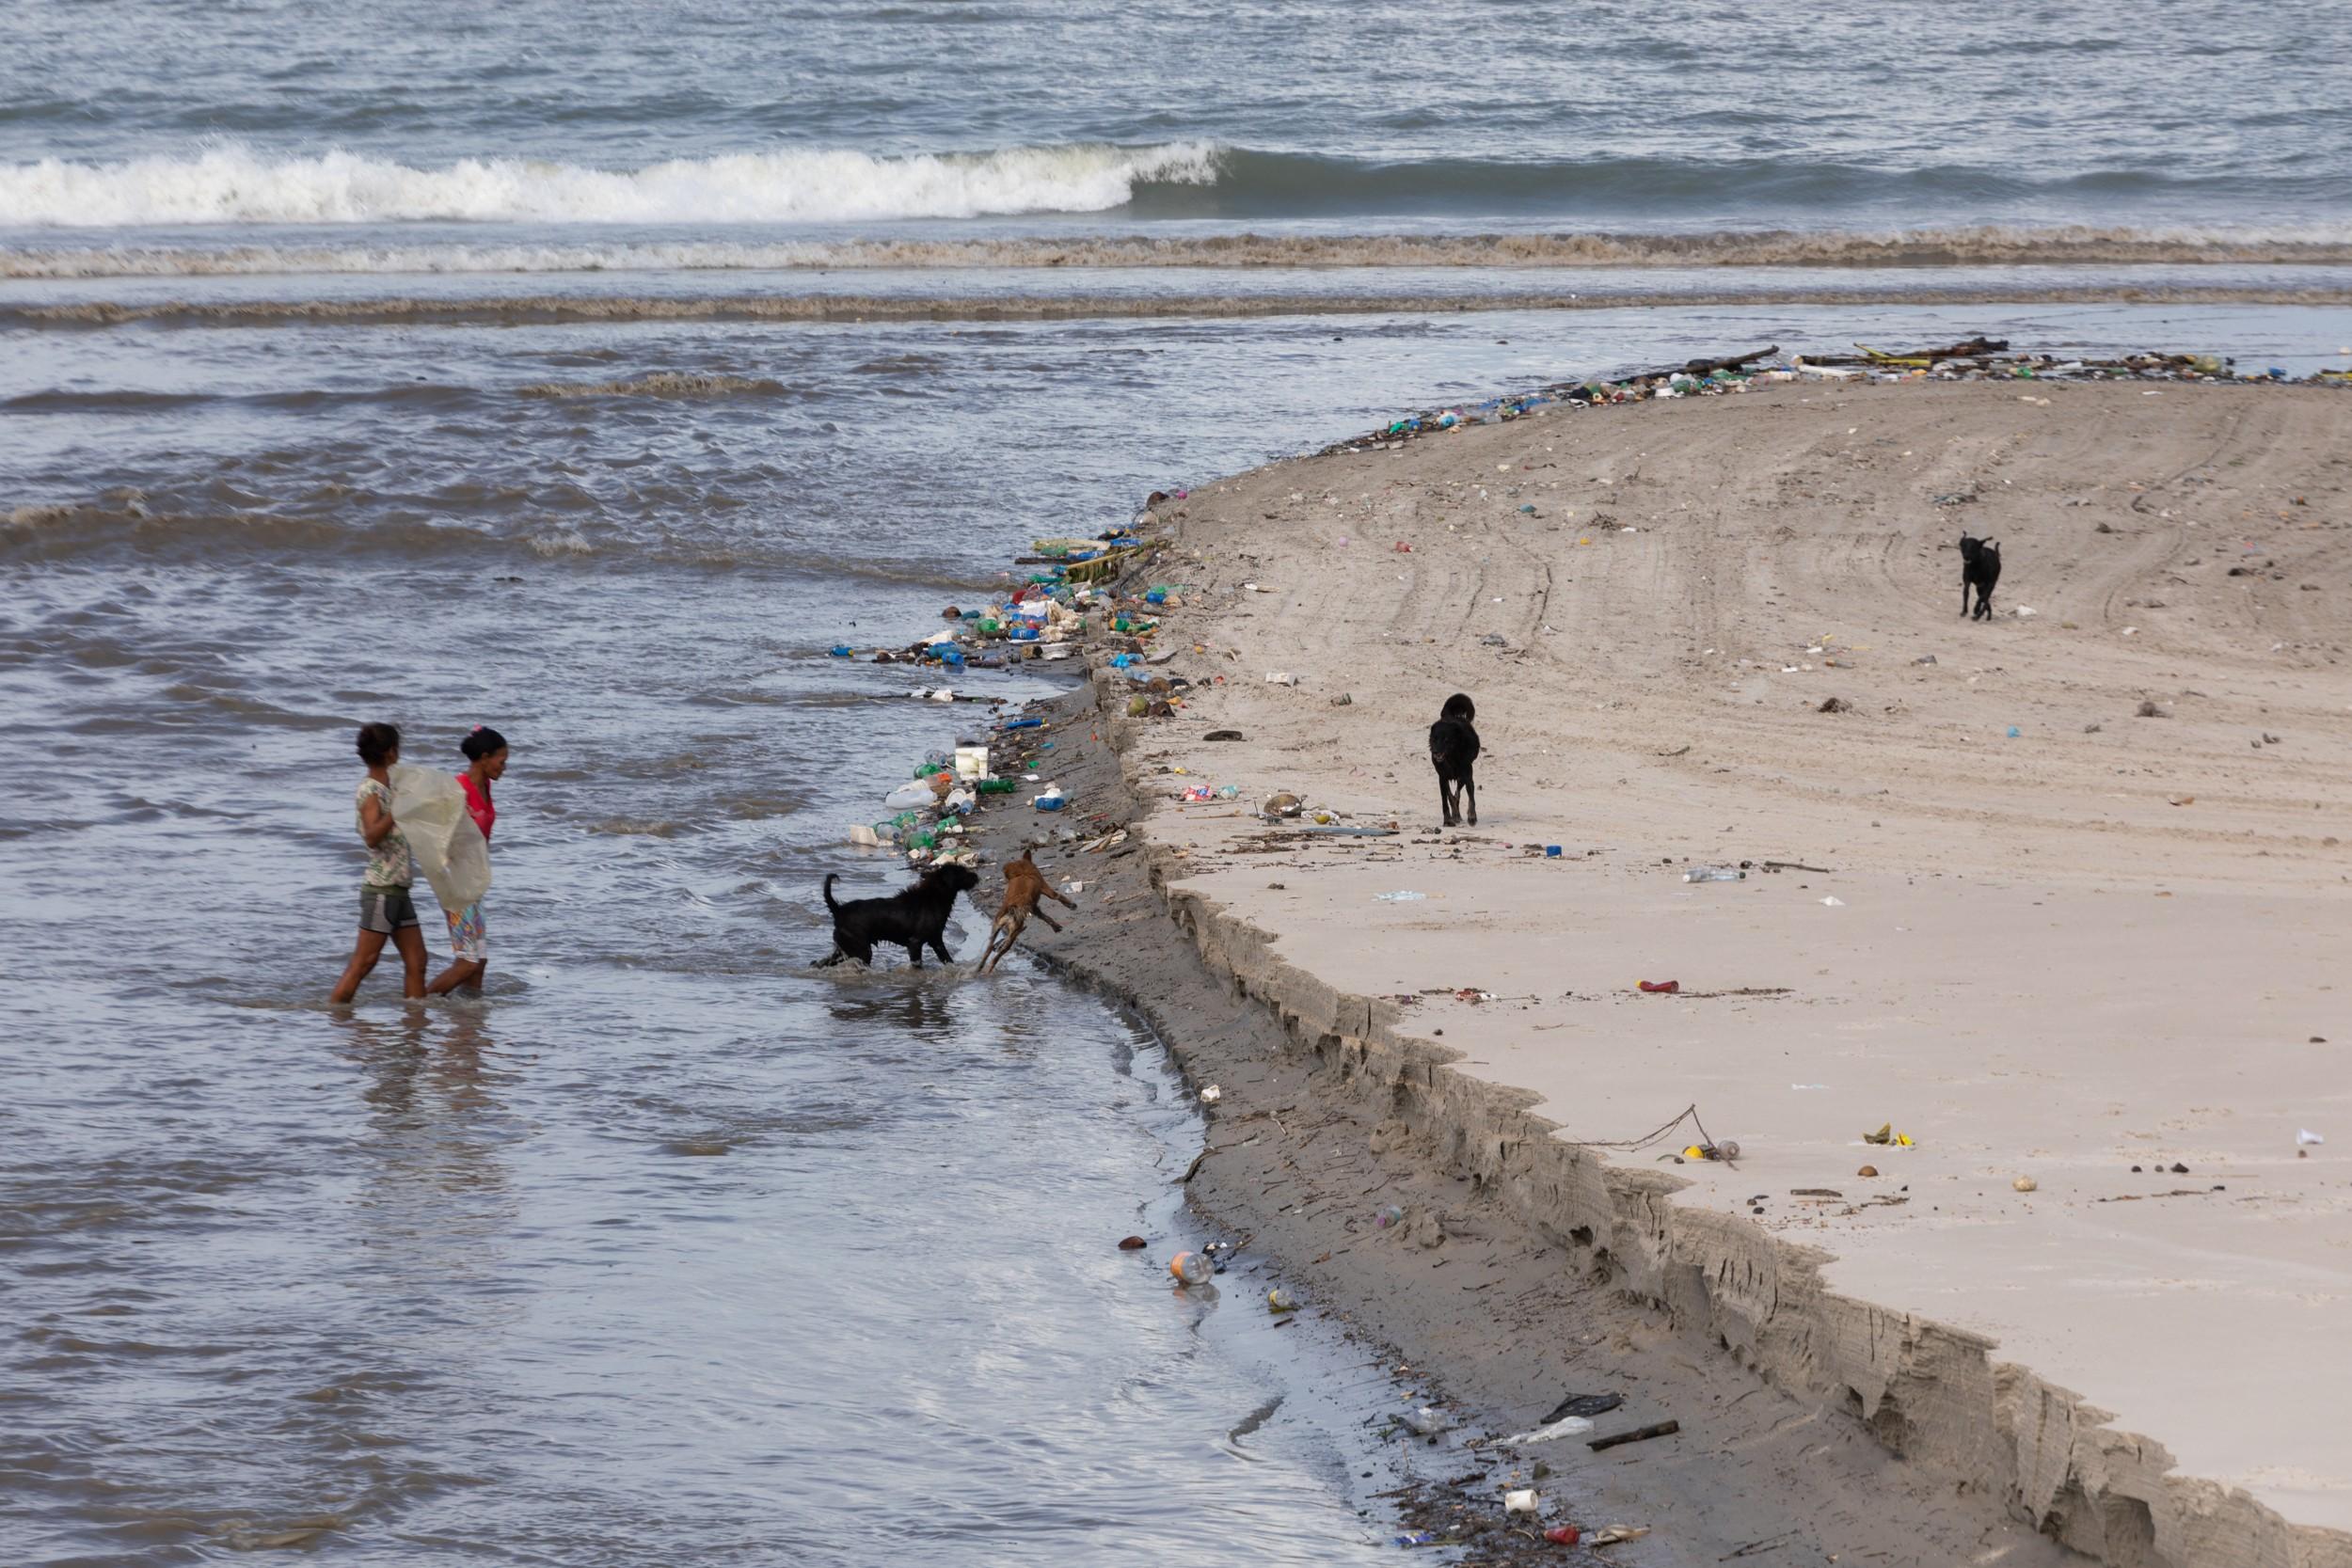 Principal causa de poluição da água, falta de coleta de esgoto atinge 83% dos alagoanos e ameaça saúde e turismo - Notícias - Plantão Diário